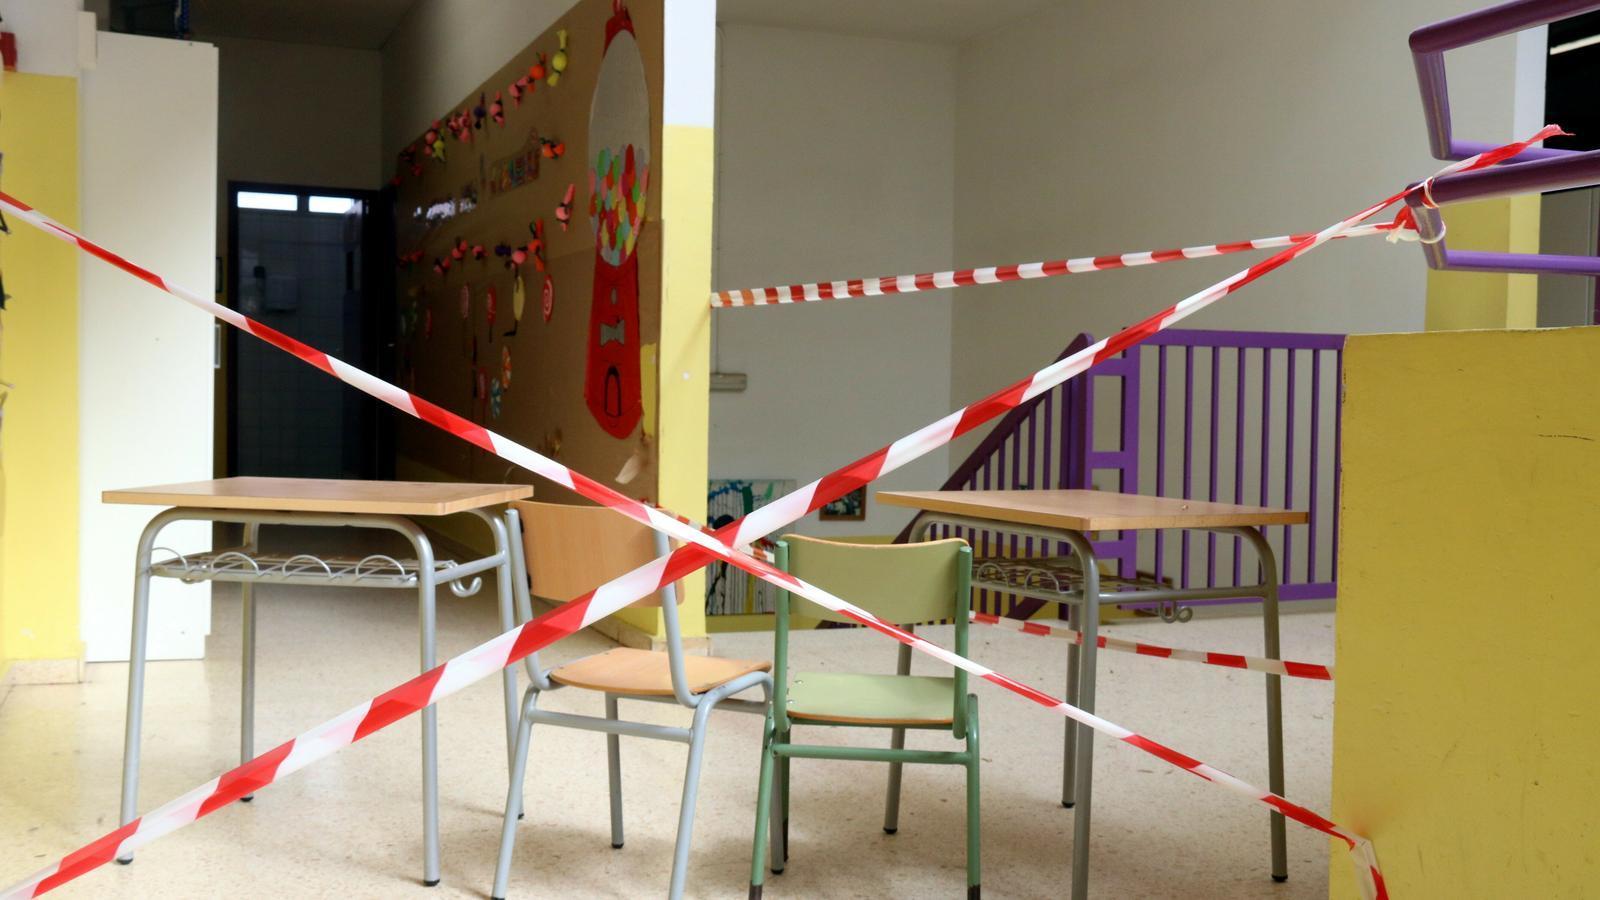 Pla general d'una zona de l'escola El Congost on per precaució no s'hi pot accedir.